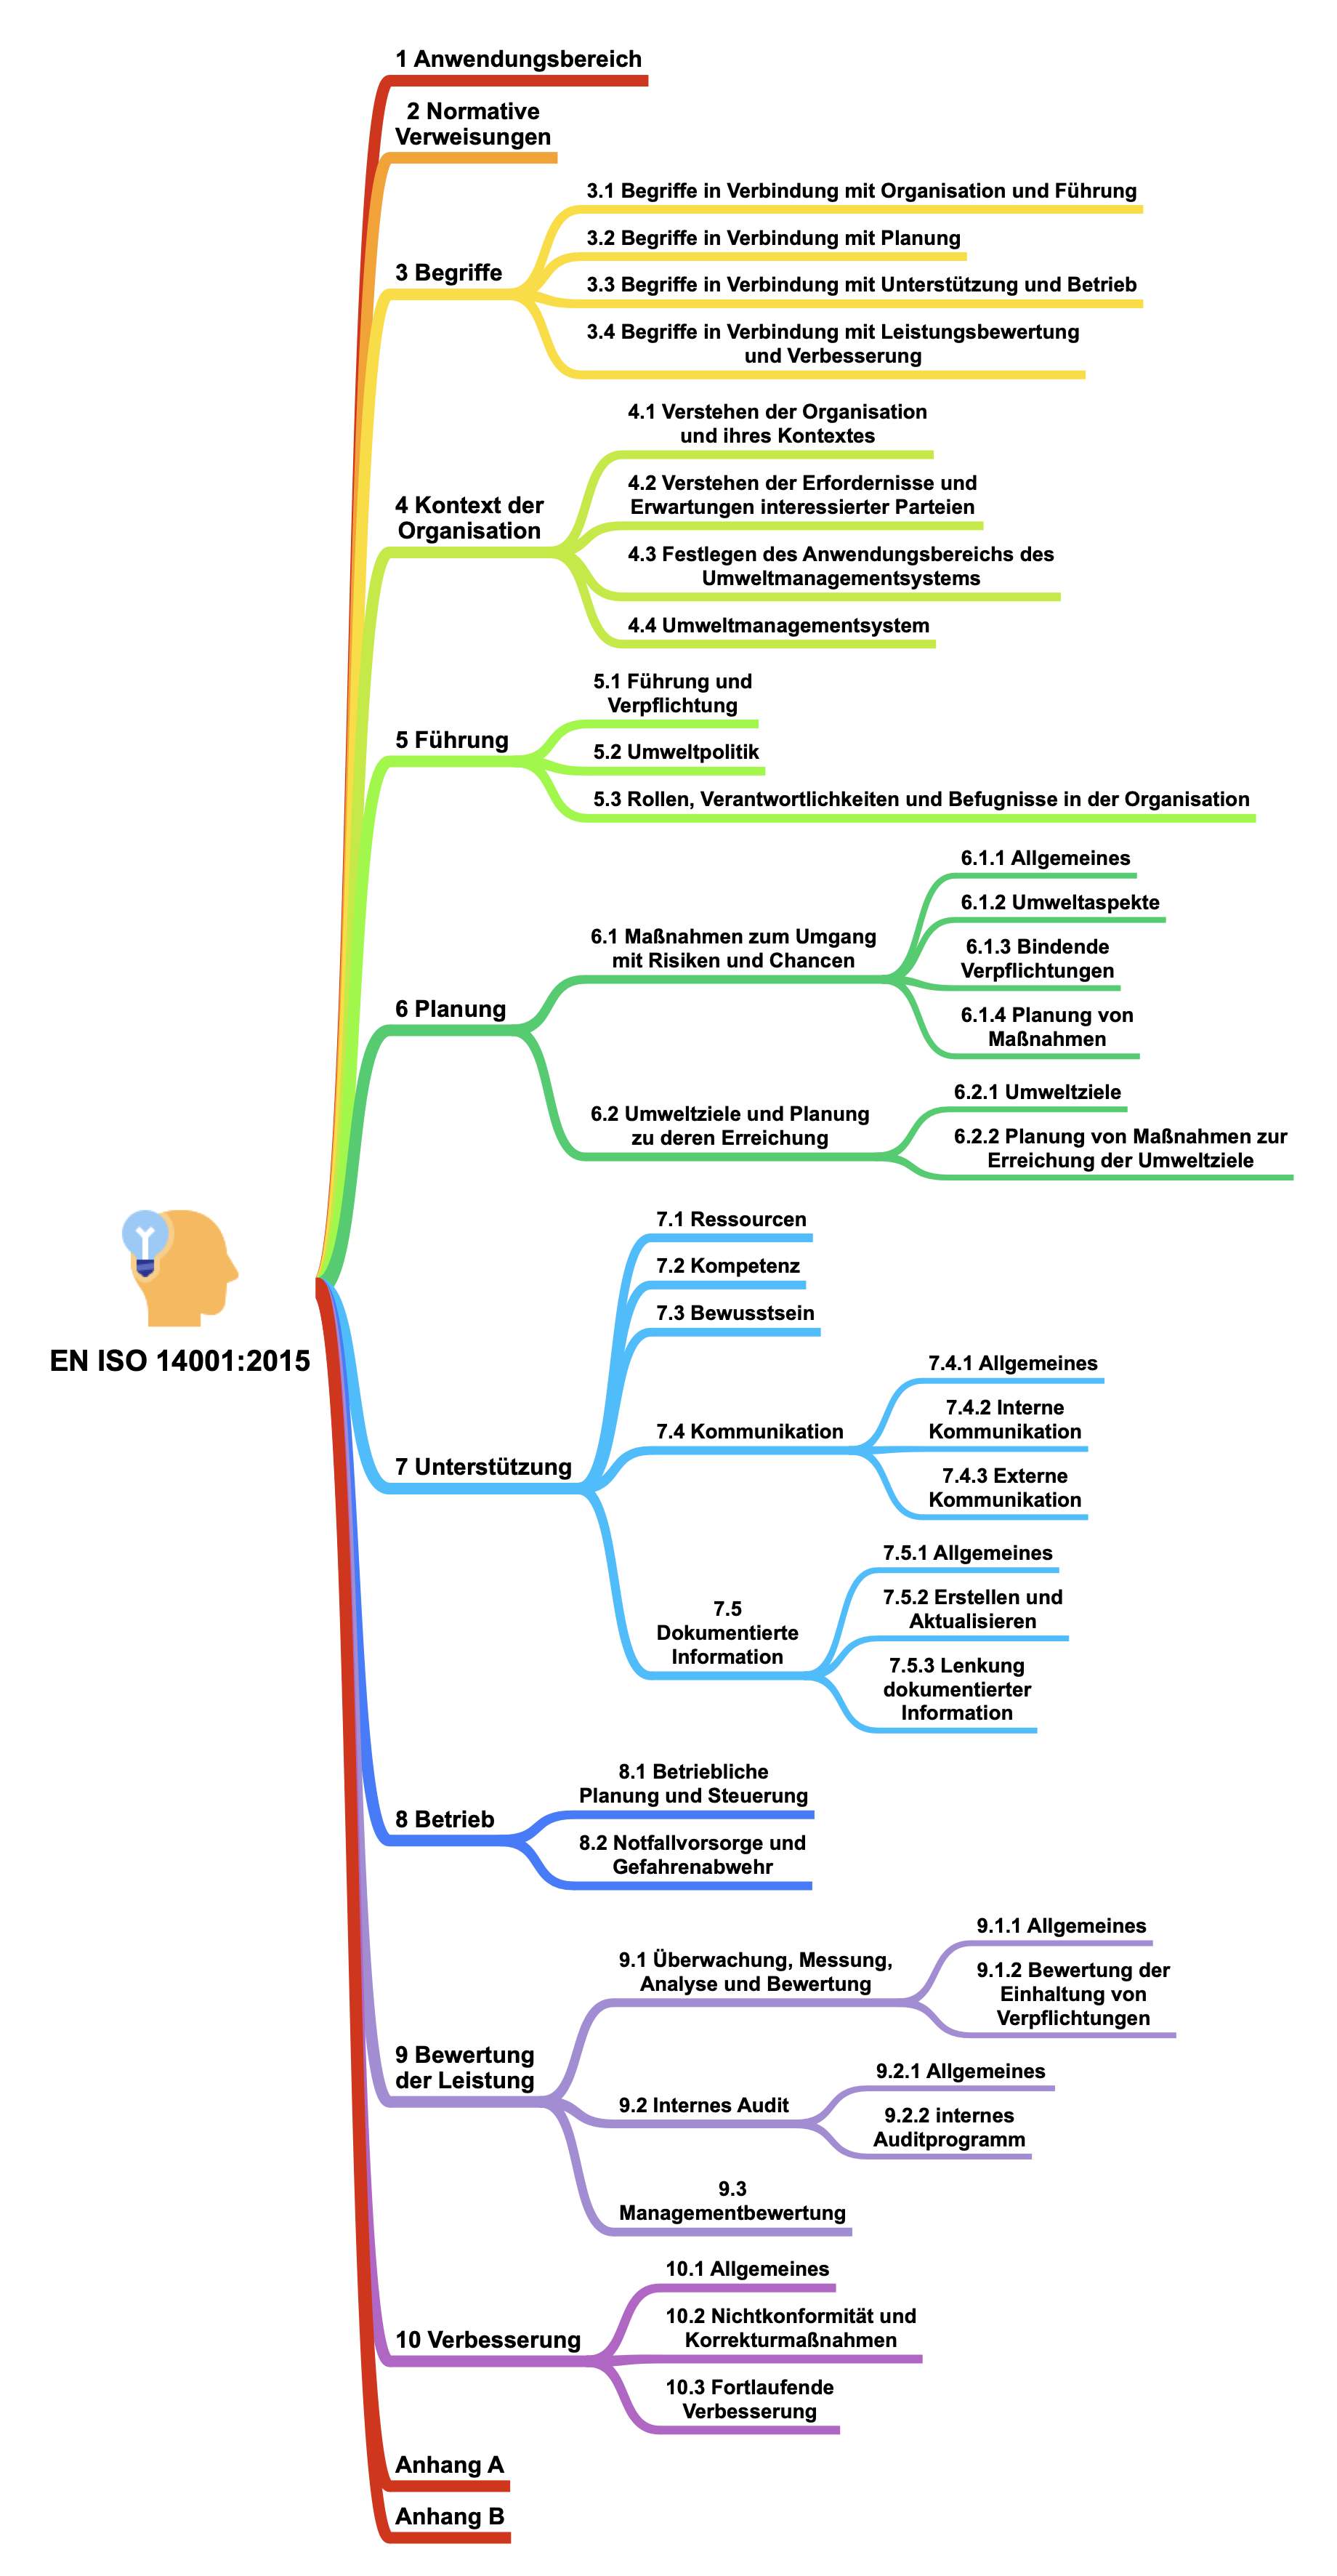 grafische Darstellung der Struktur der DIN EN ISO 14001